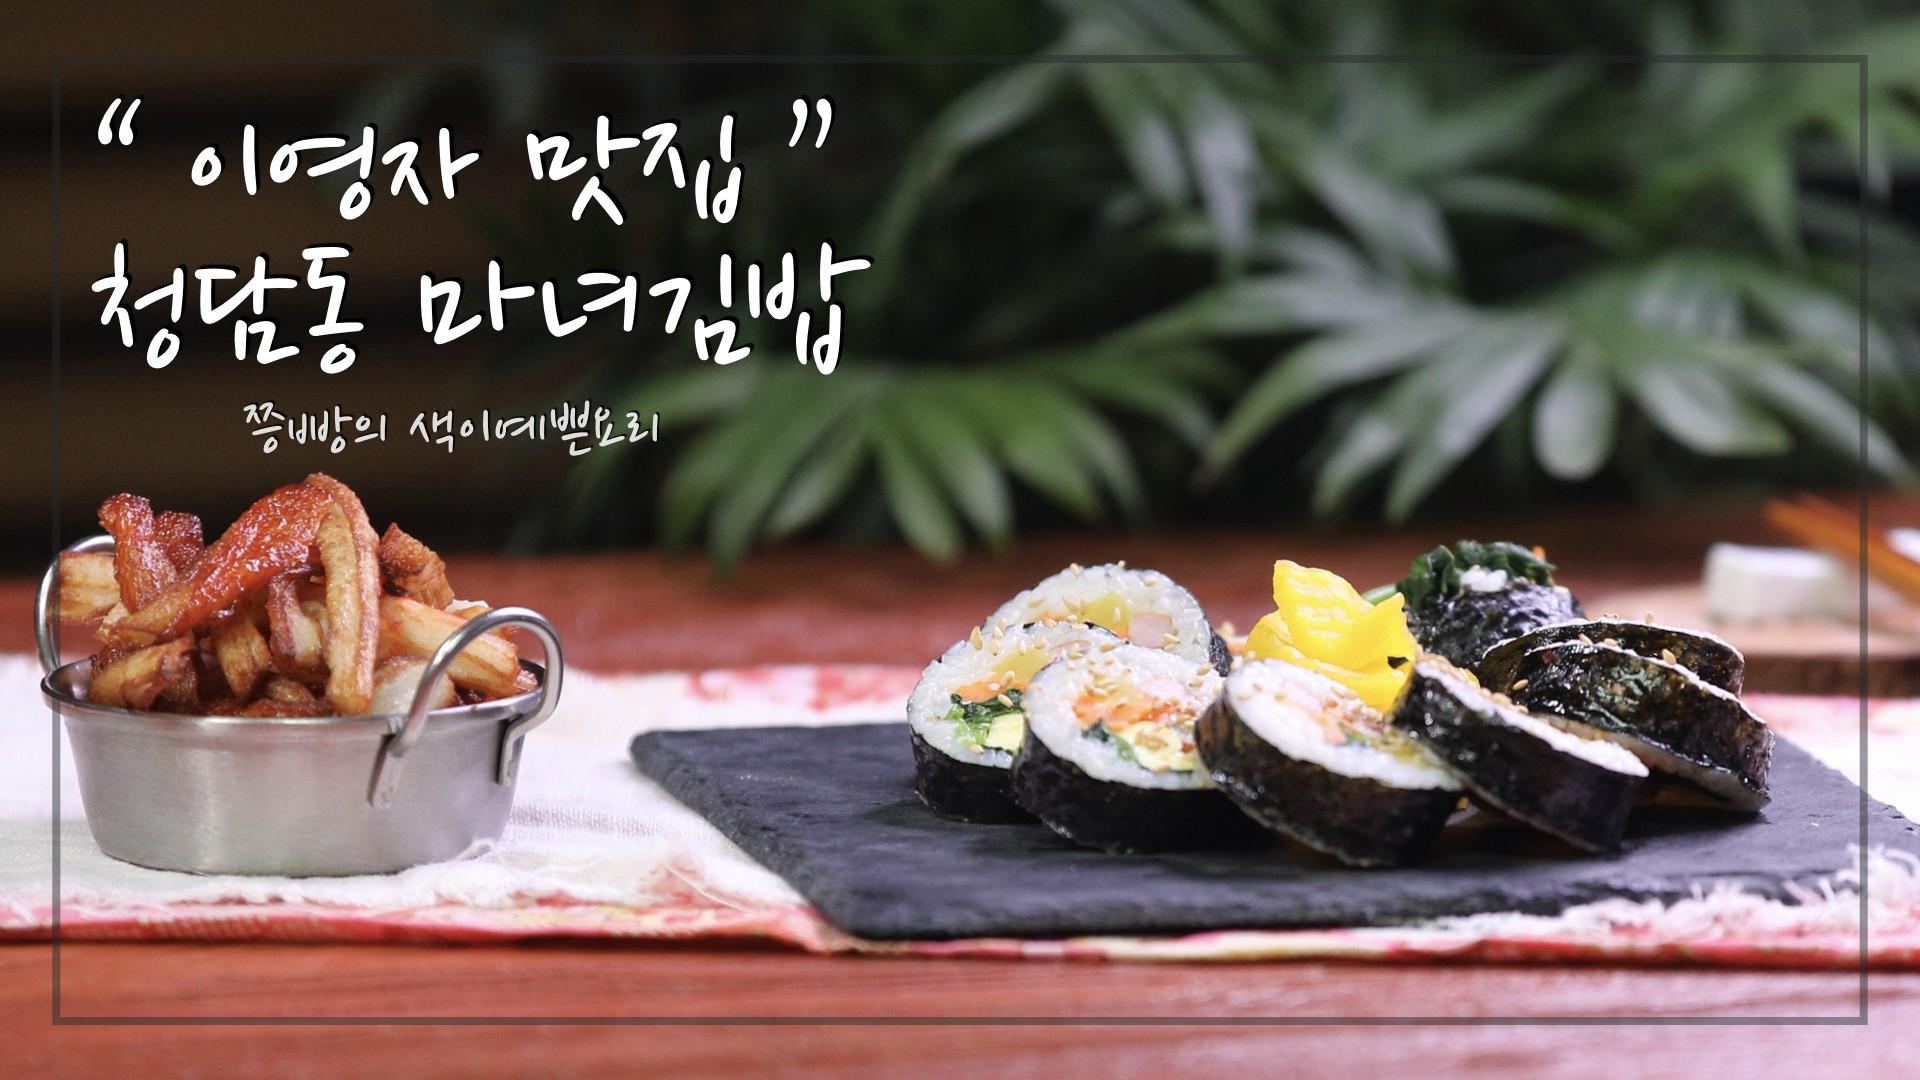 청담동 마녀김밥 만들기,이영자 맛집 리스트 게맛살 튀김이 들어간 마녀김밥 만들기